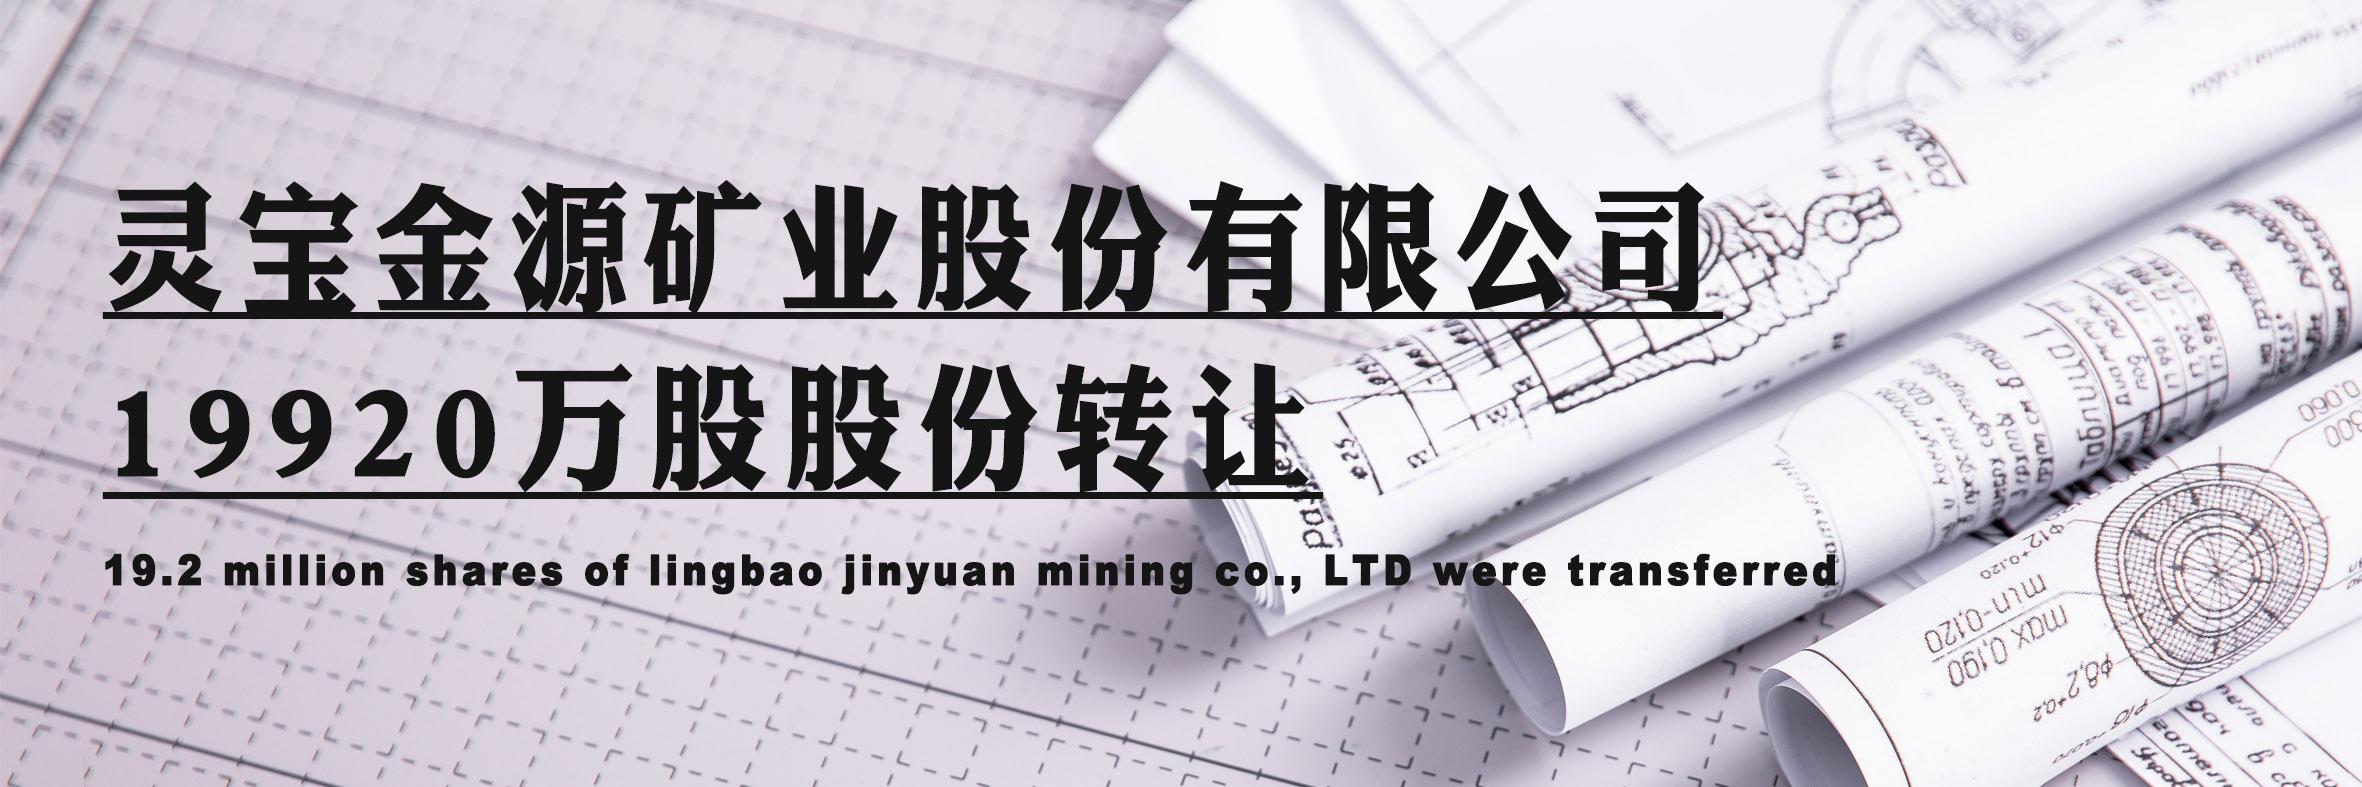 灵宝金源矿业股份有限公司19920万股股份转让